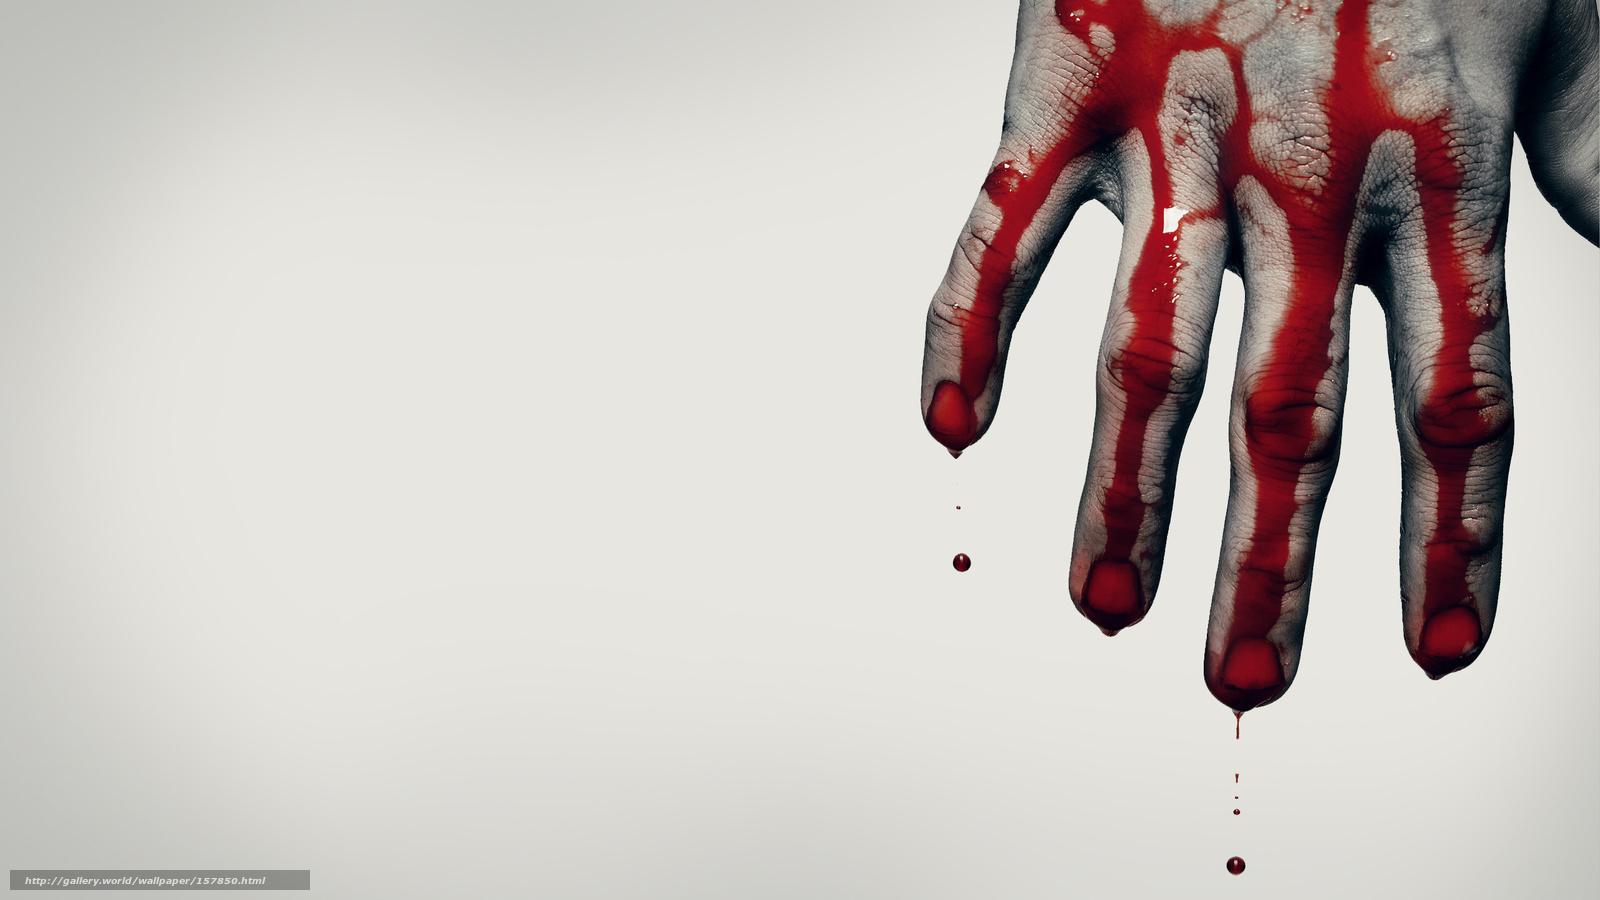 К чему снится кровь на руках своих